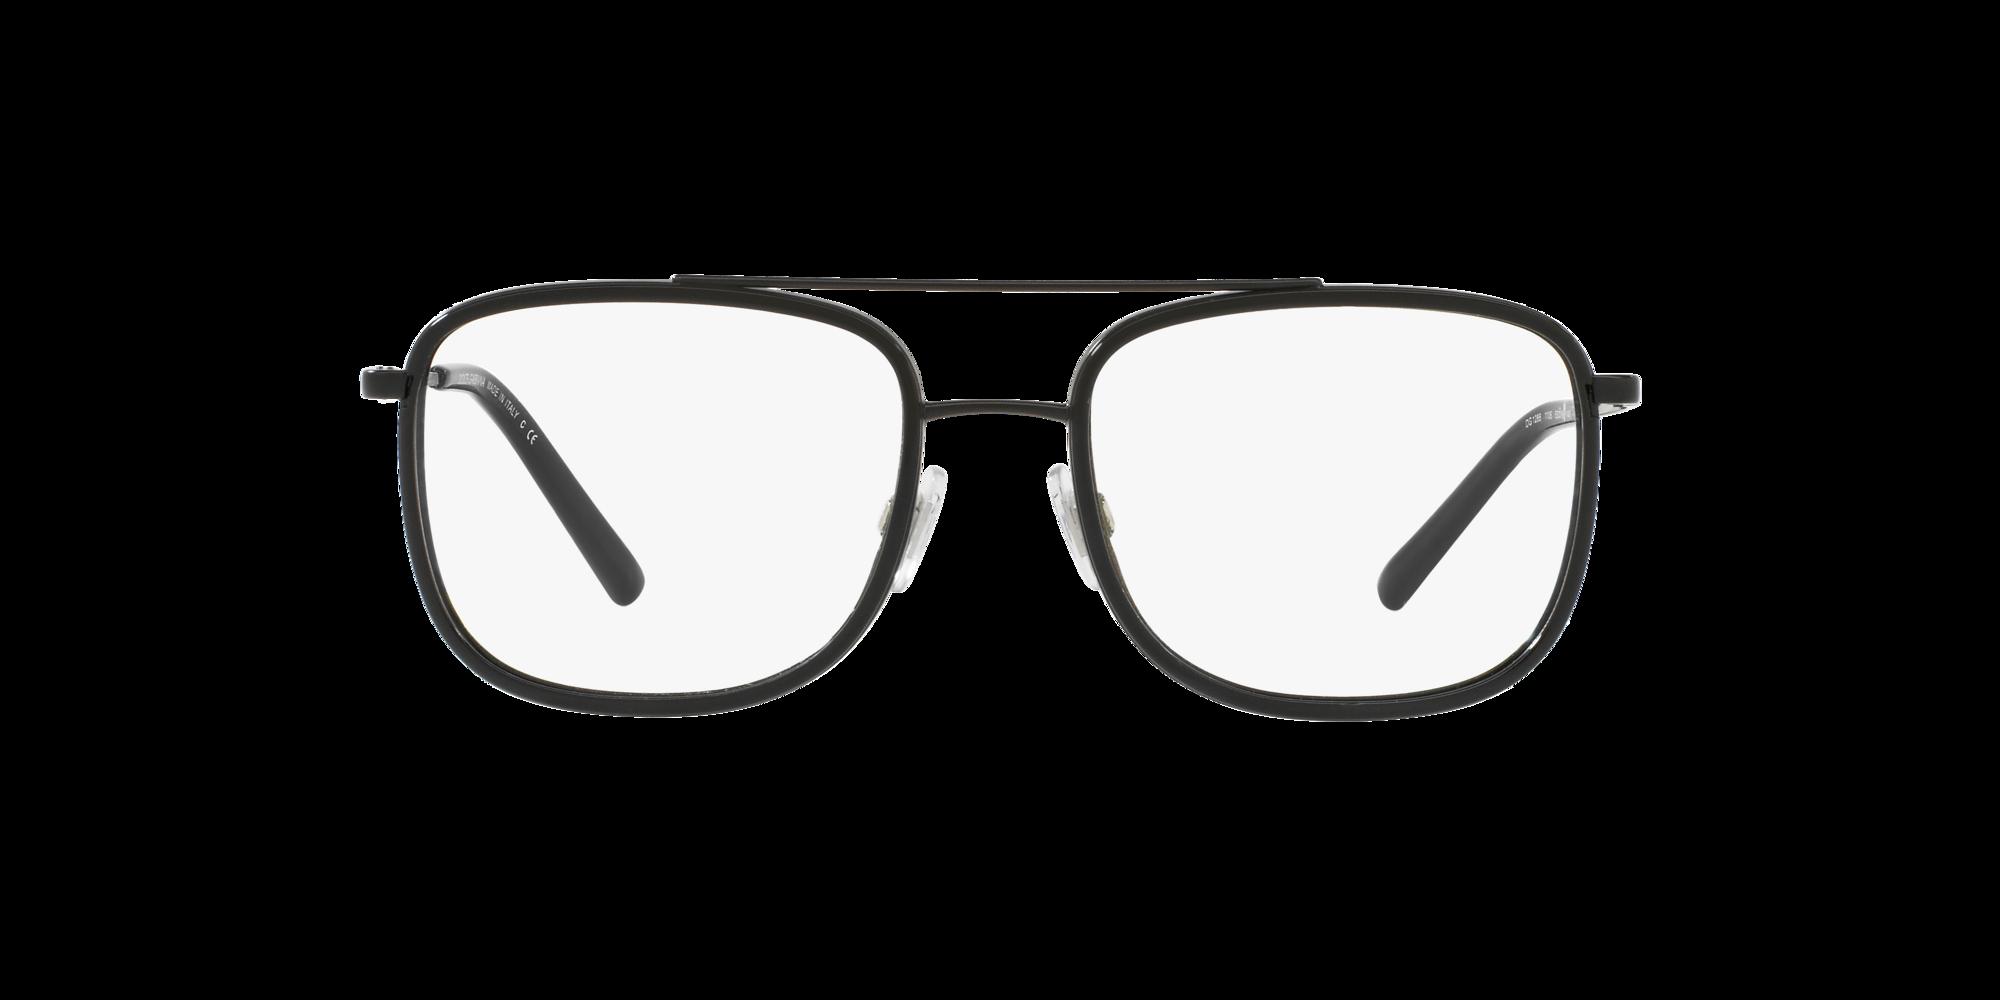 Imagen para DG1288 de LensCrafters |  Espejuelos, espejuelos graduados en línea, gafas